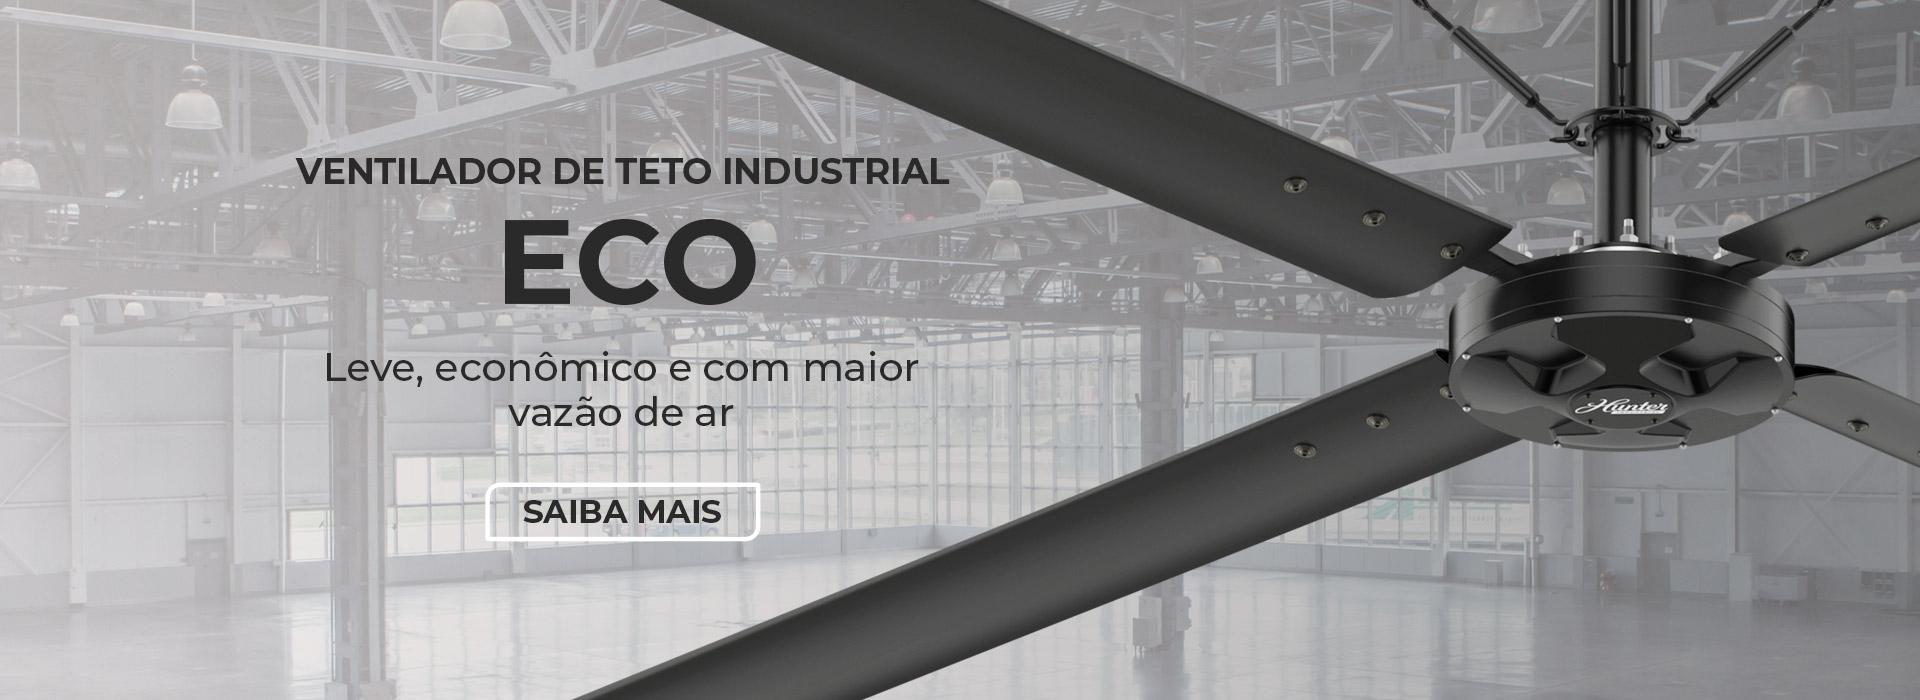 Ventilador de teto Industrial Hunter